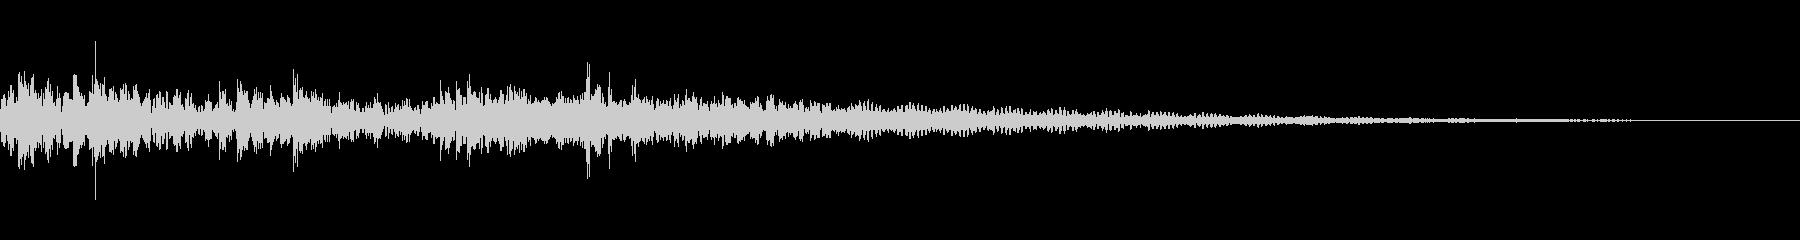 ドドンガドンドンドンの未再生の波形